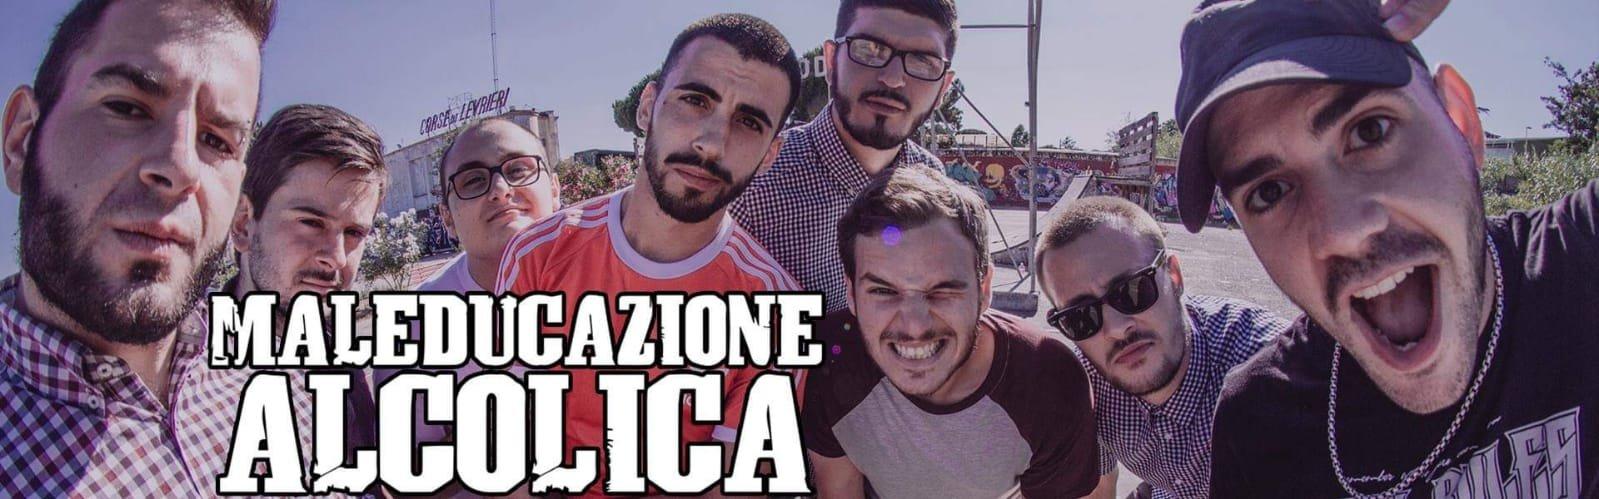 Maleducatione_Alcolica_2.jpg